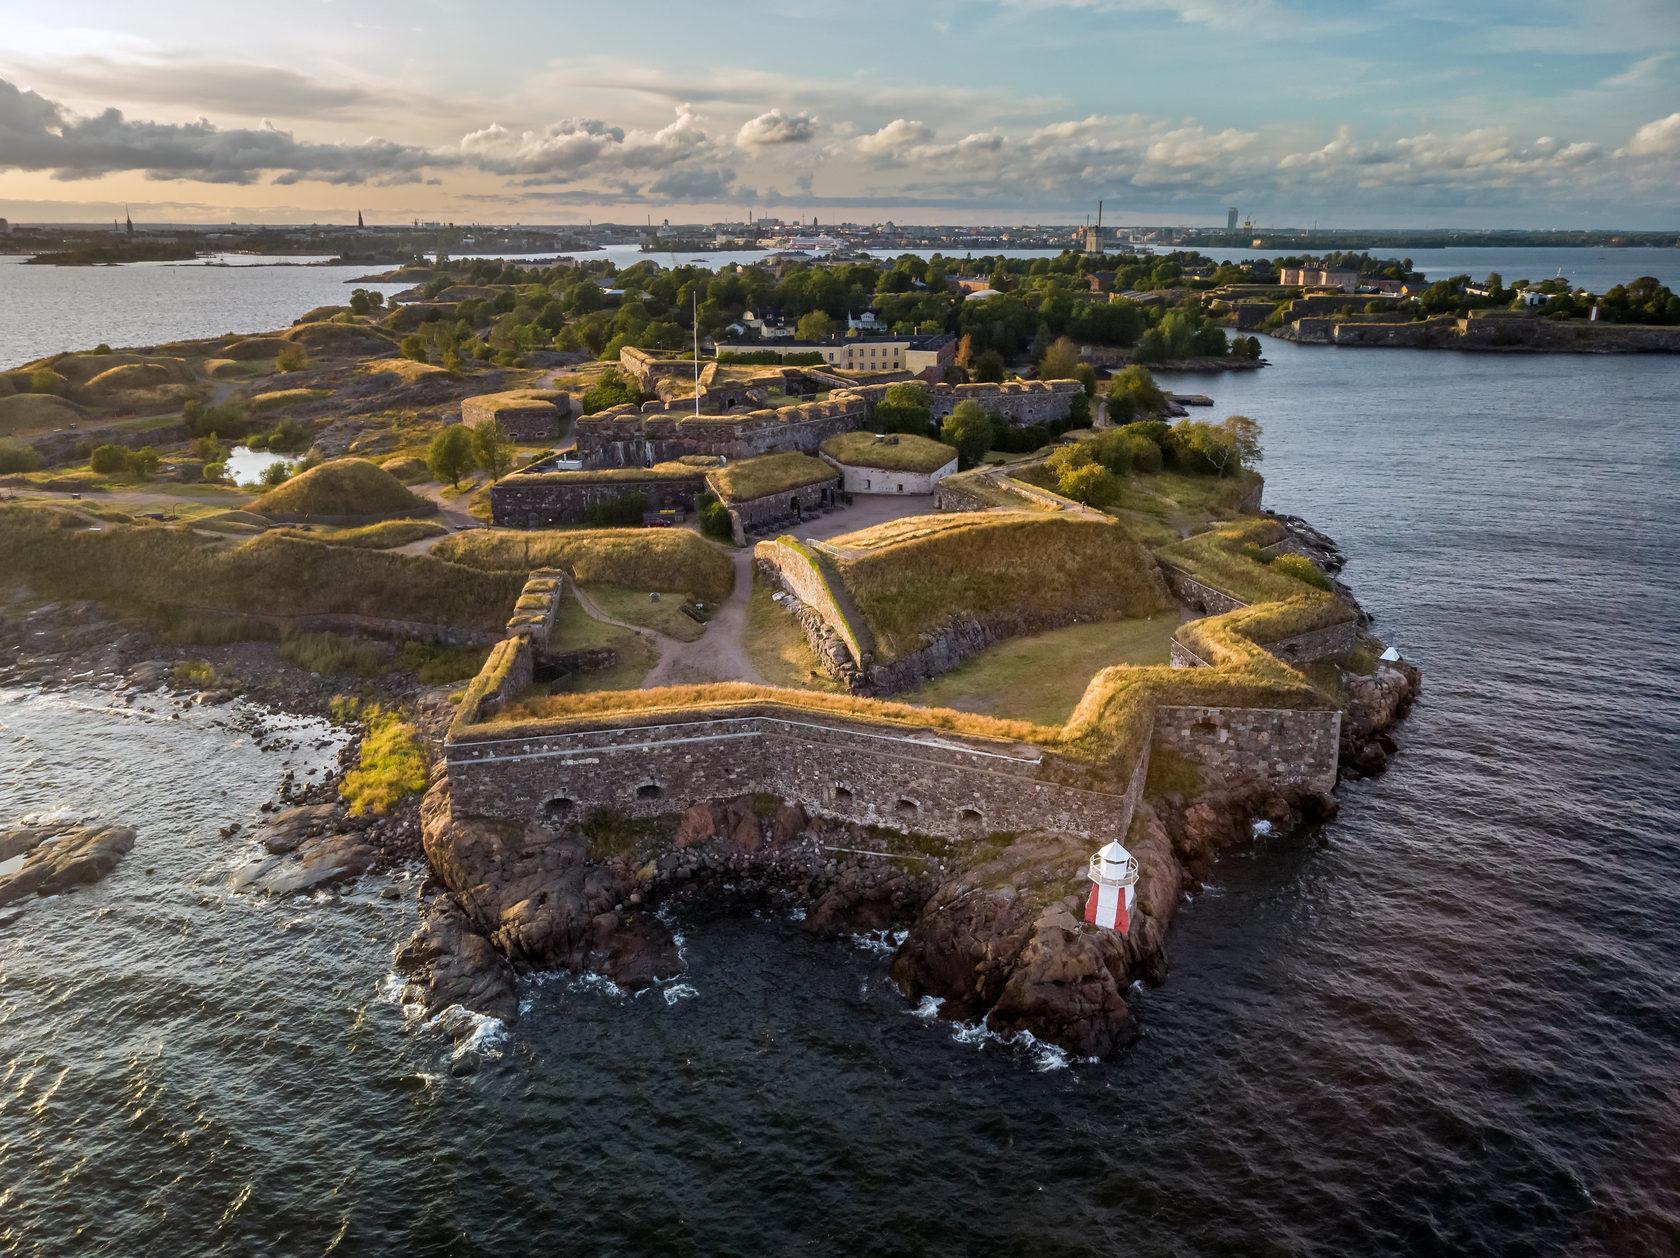 Интересные места в Хельсинки - Крепость Свеаборг